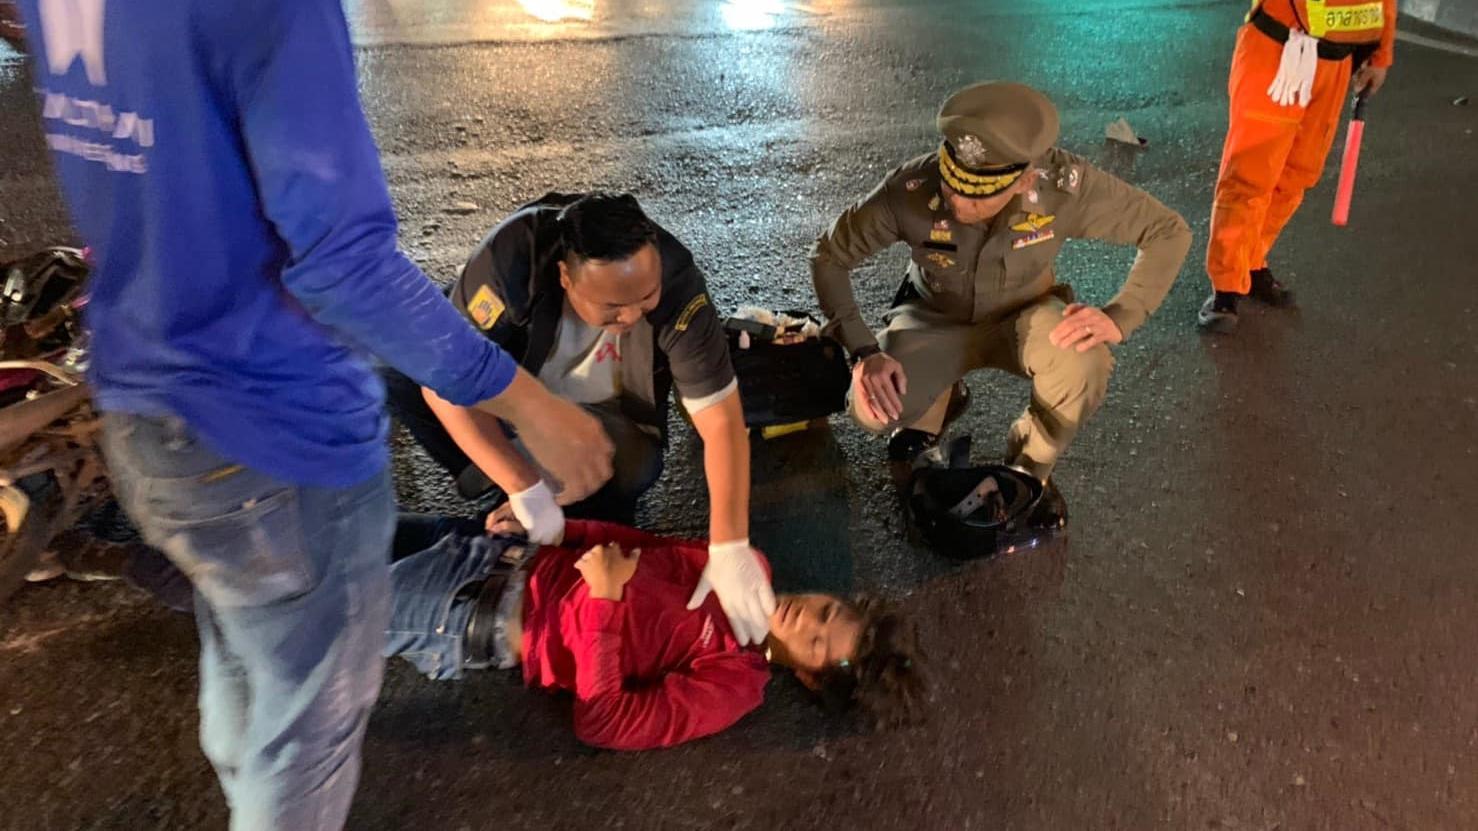 ตำรวจช่วยคนเจ็บ พล.ต.อ.เฉลิมเกียรติ ศรีวรขาน รองผู้บัญชาการตำรวจแห่งชาติ